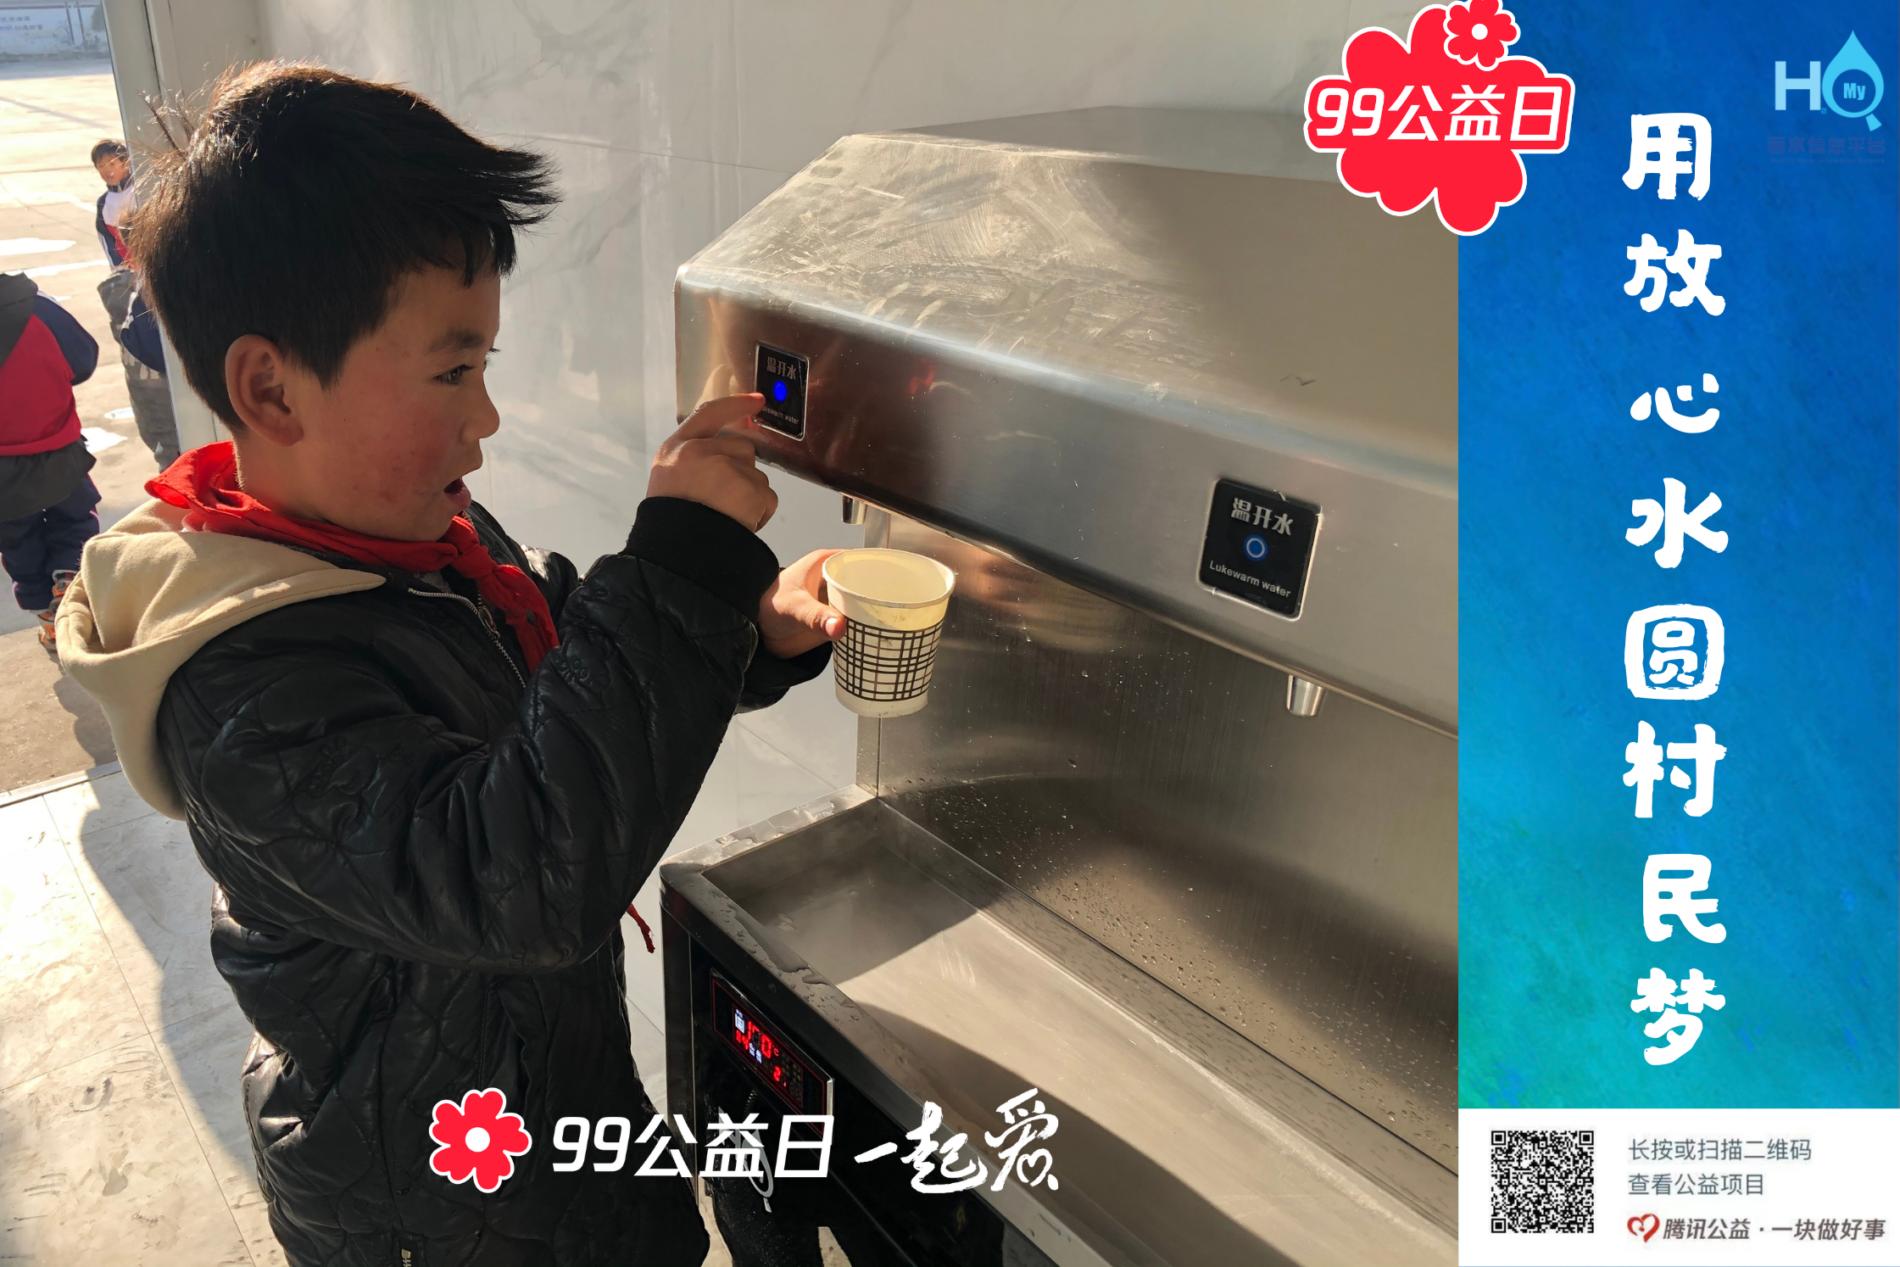 99玩法全攻略|15元即可get全村人一天的干净水!